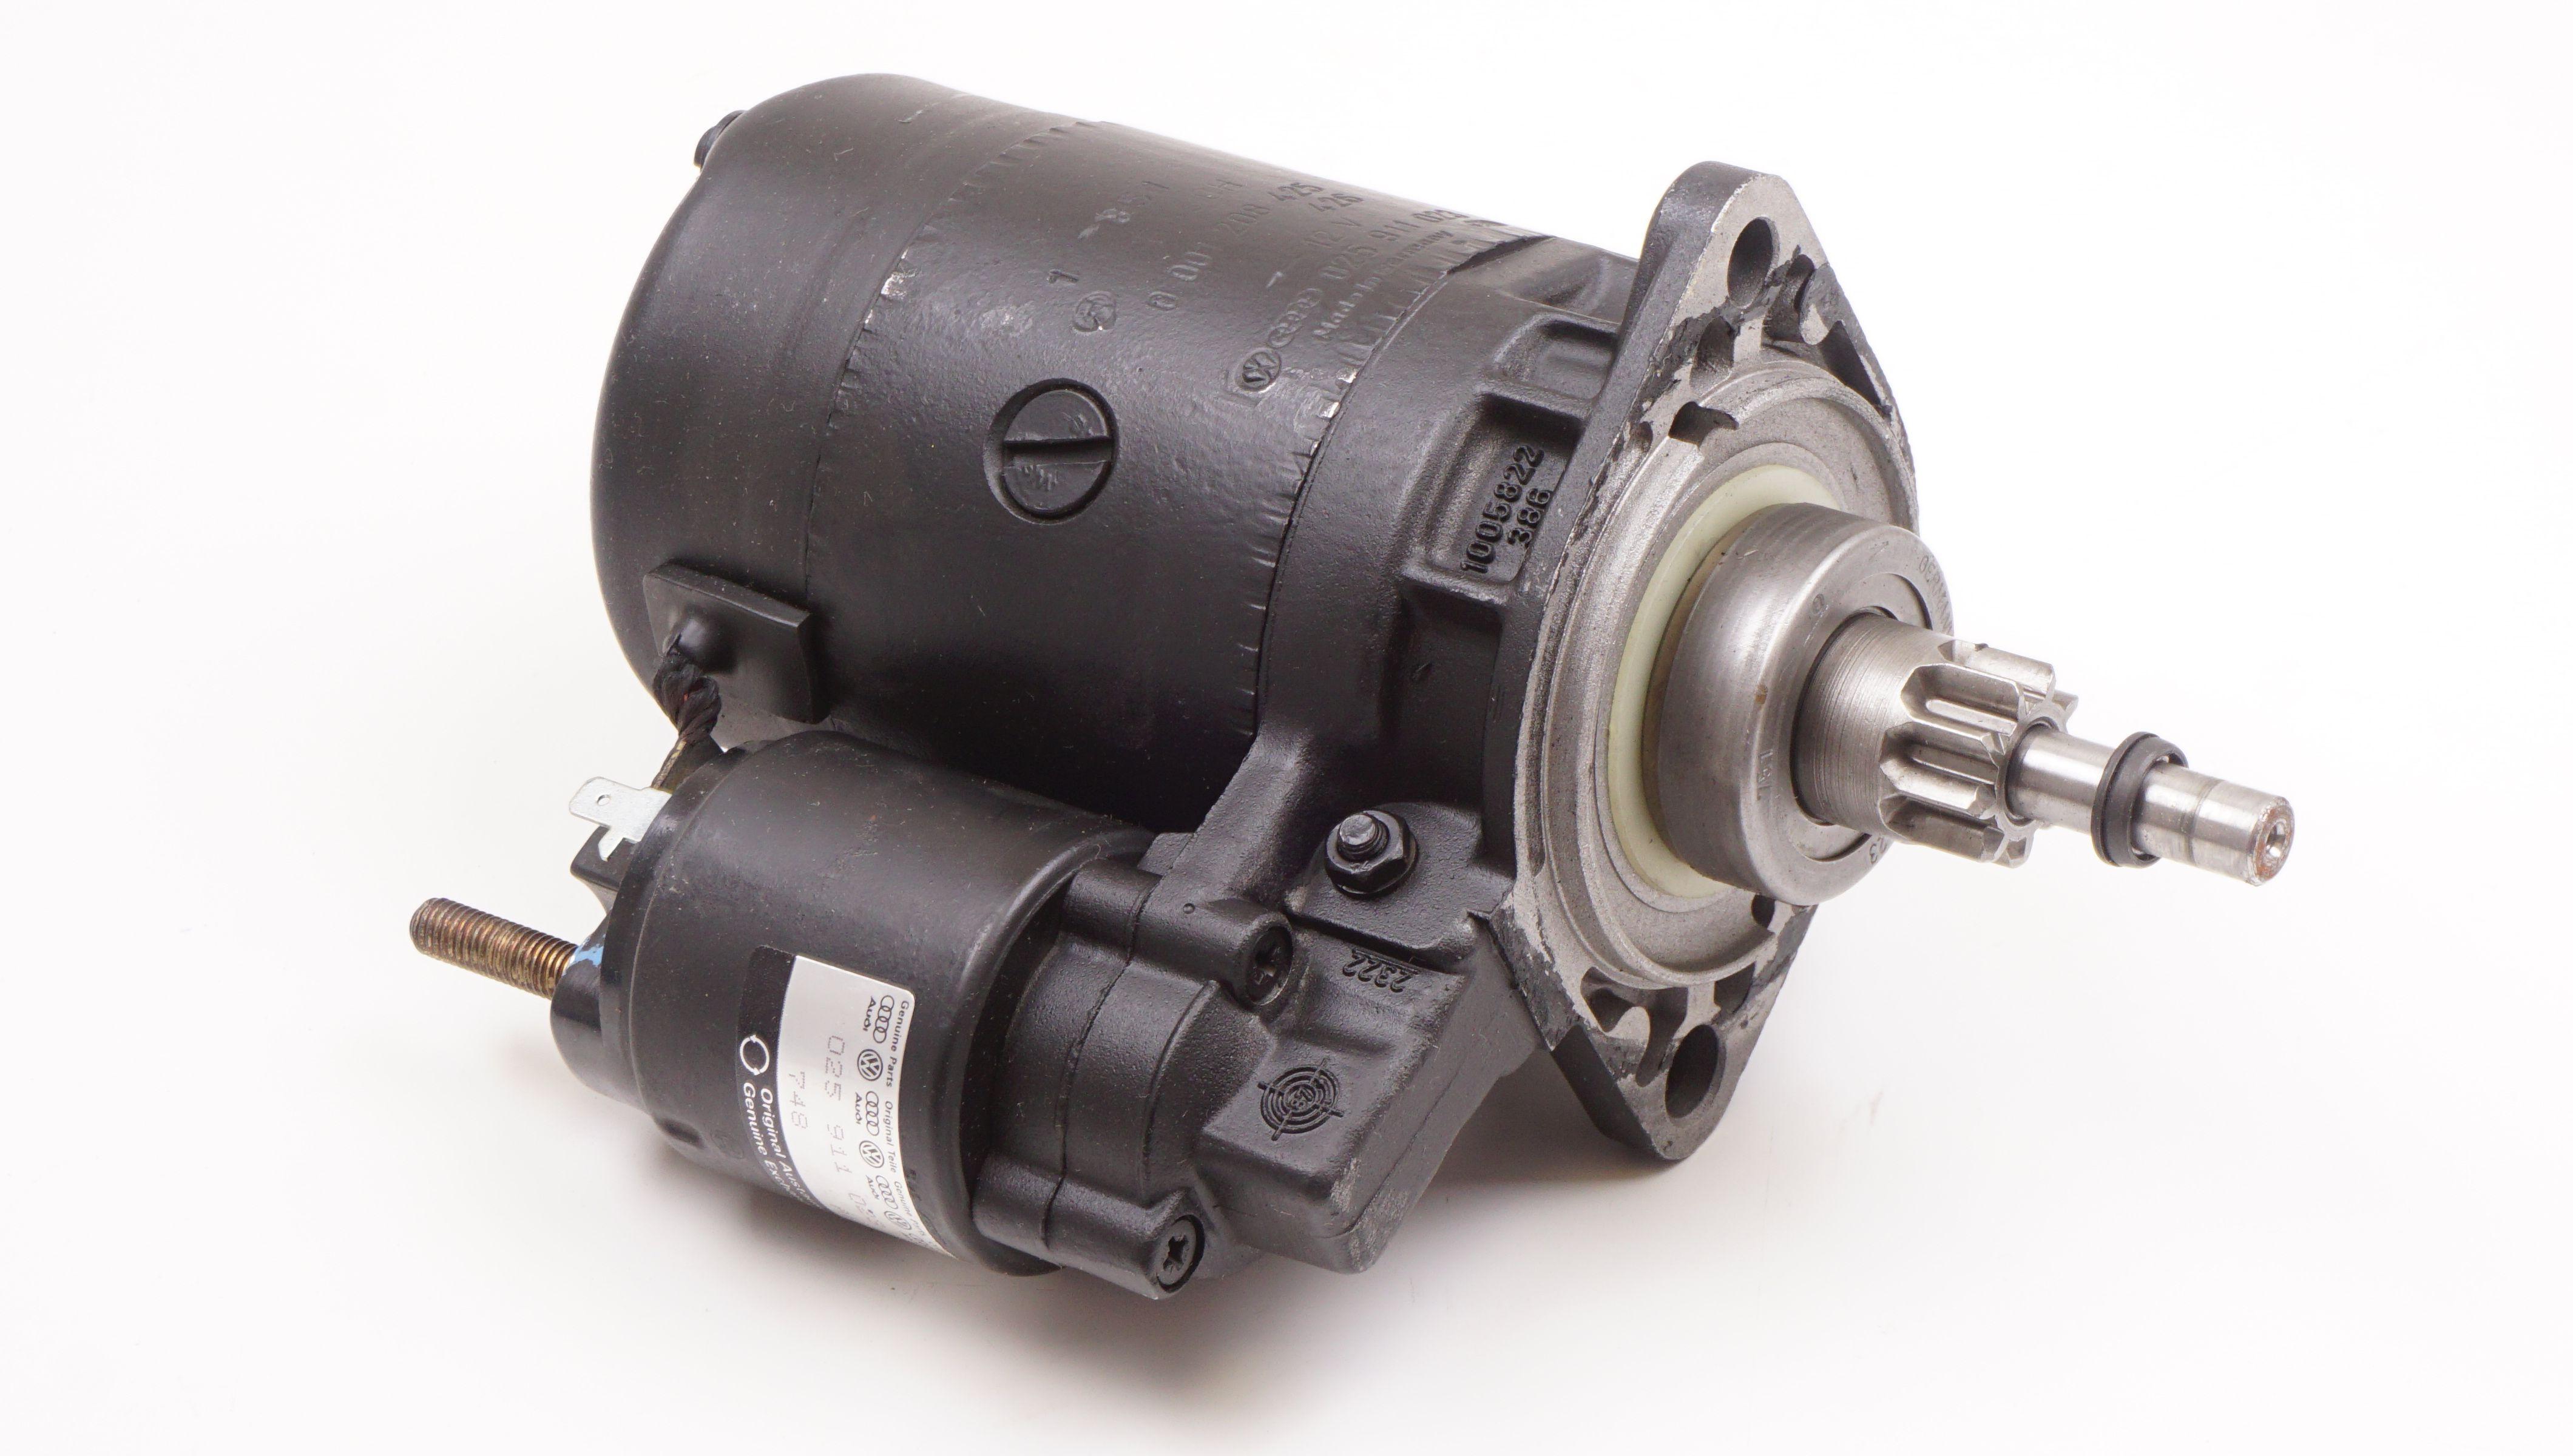 025 911 023 AX Anlasser (Austausch) für VW T2